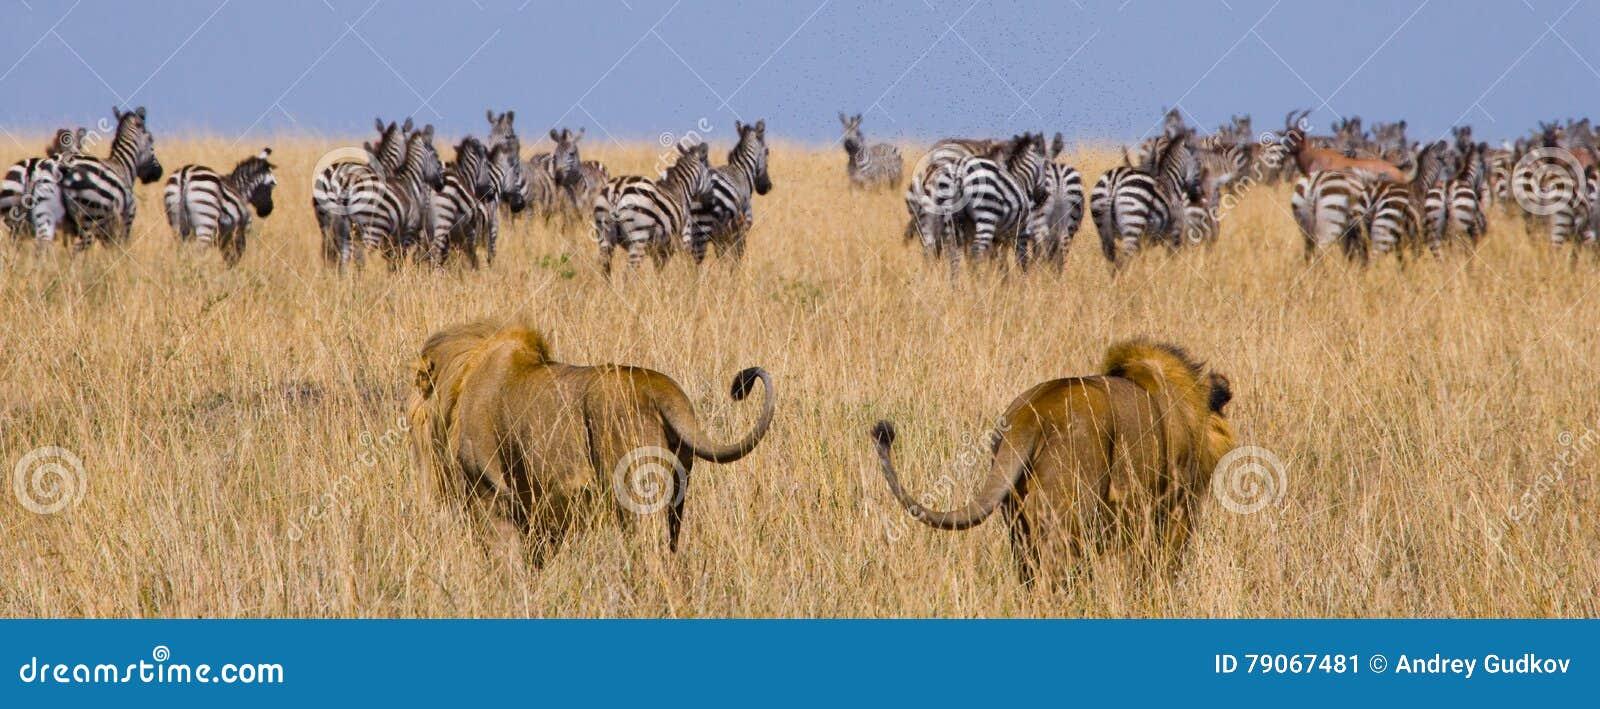 Dwa dużego męskiego lwa na polowaniu Park Narodowy Kenja Tanzania mara masajów kmieć